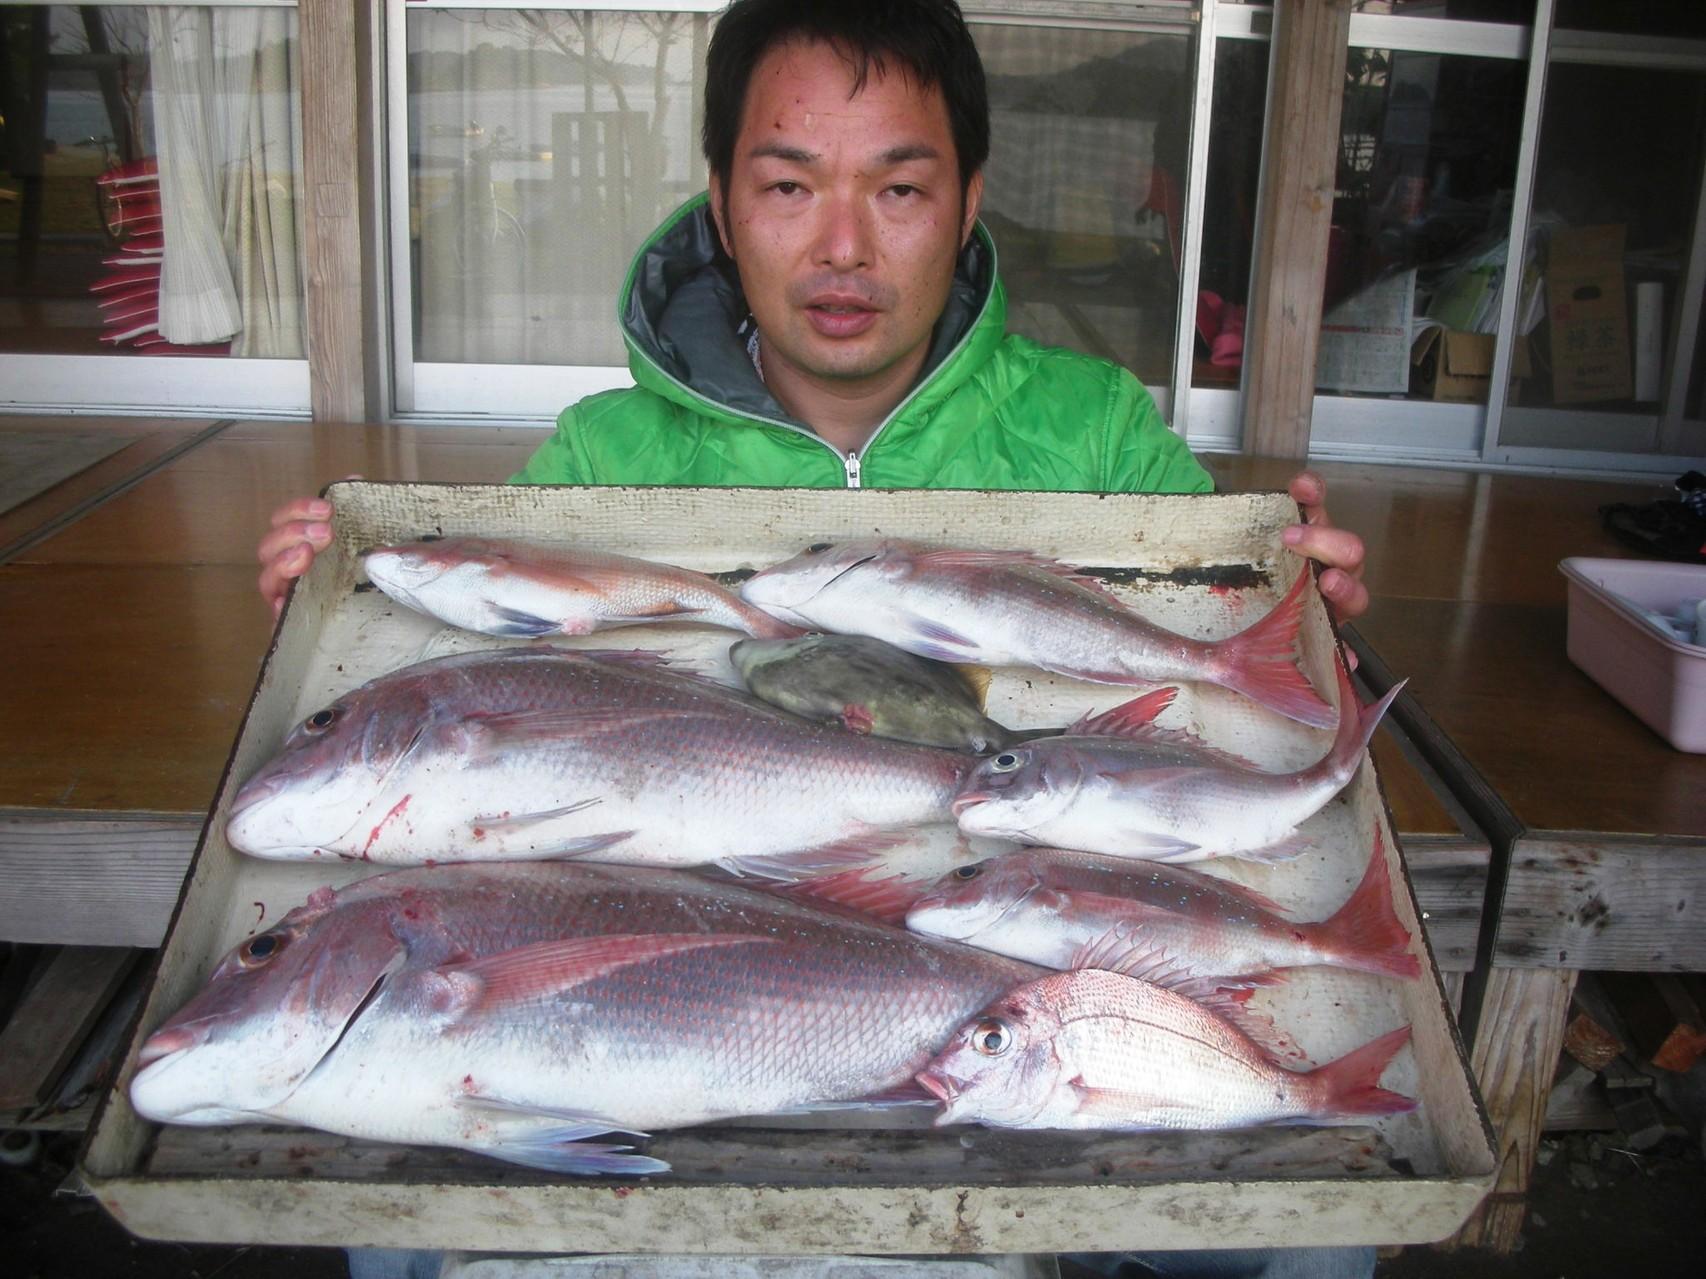 10月29日 船外機付きレンタルボートで谷口さん マダイ 58㎝・57㎝を頭に7匹